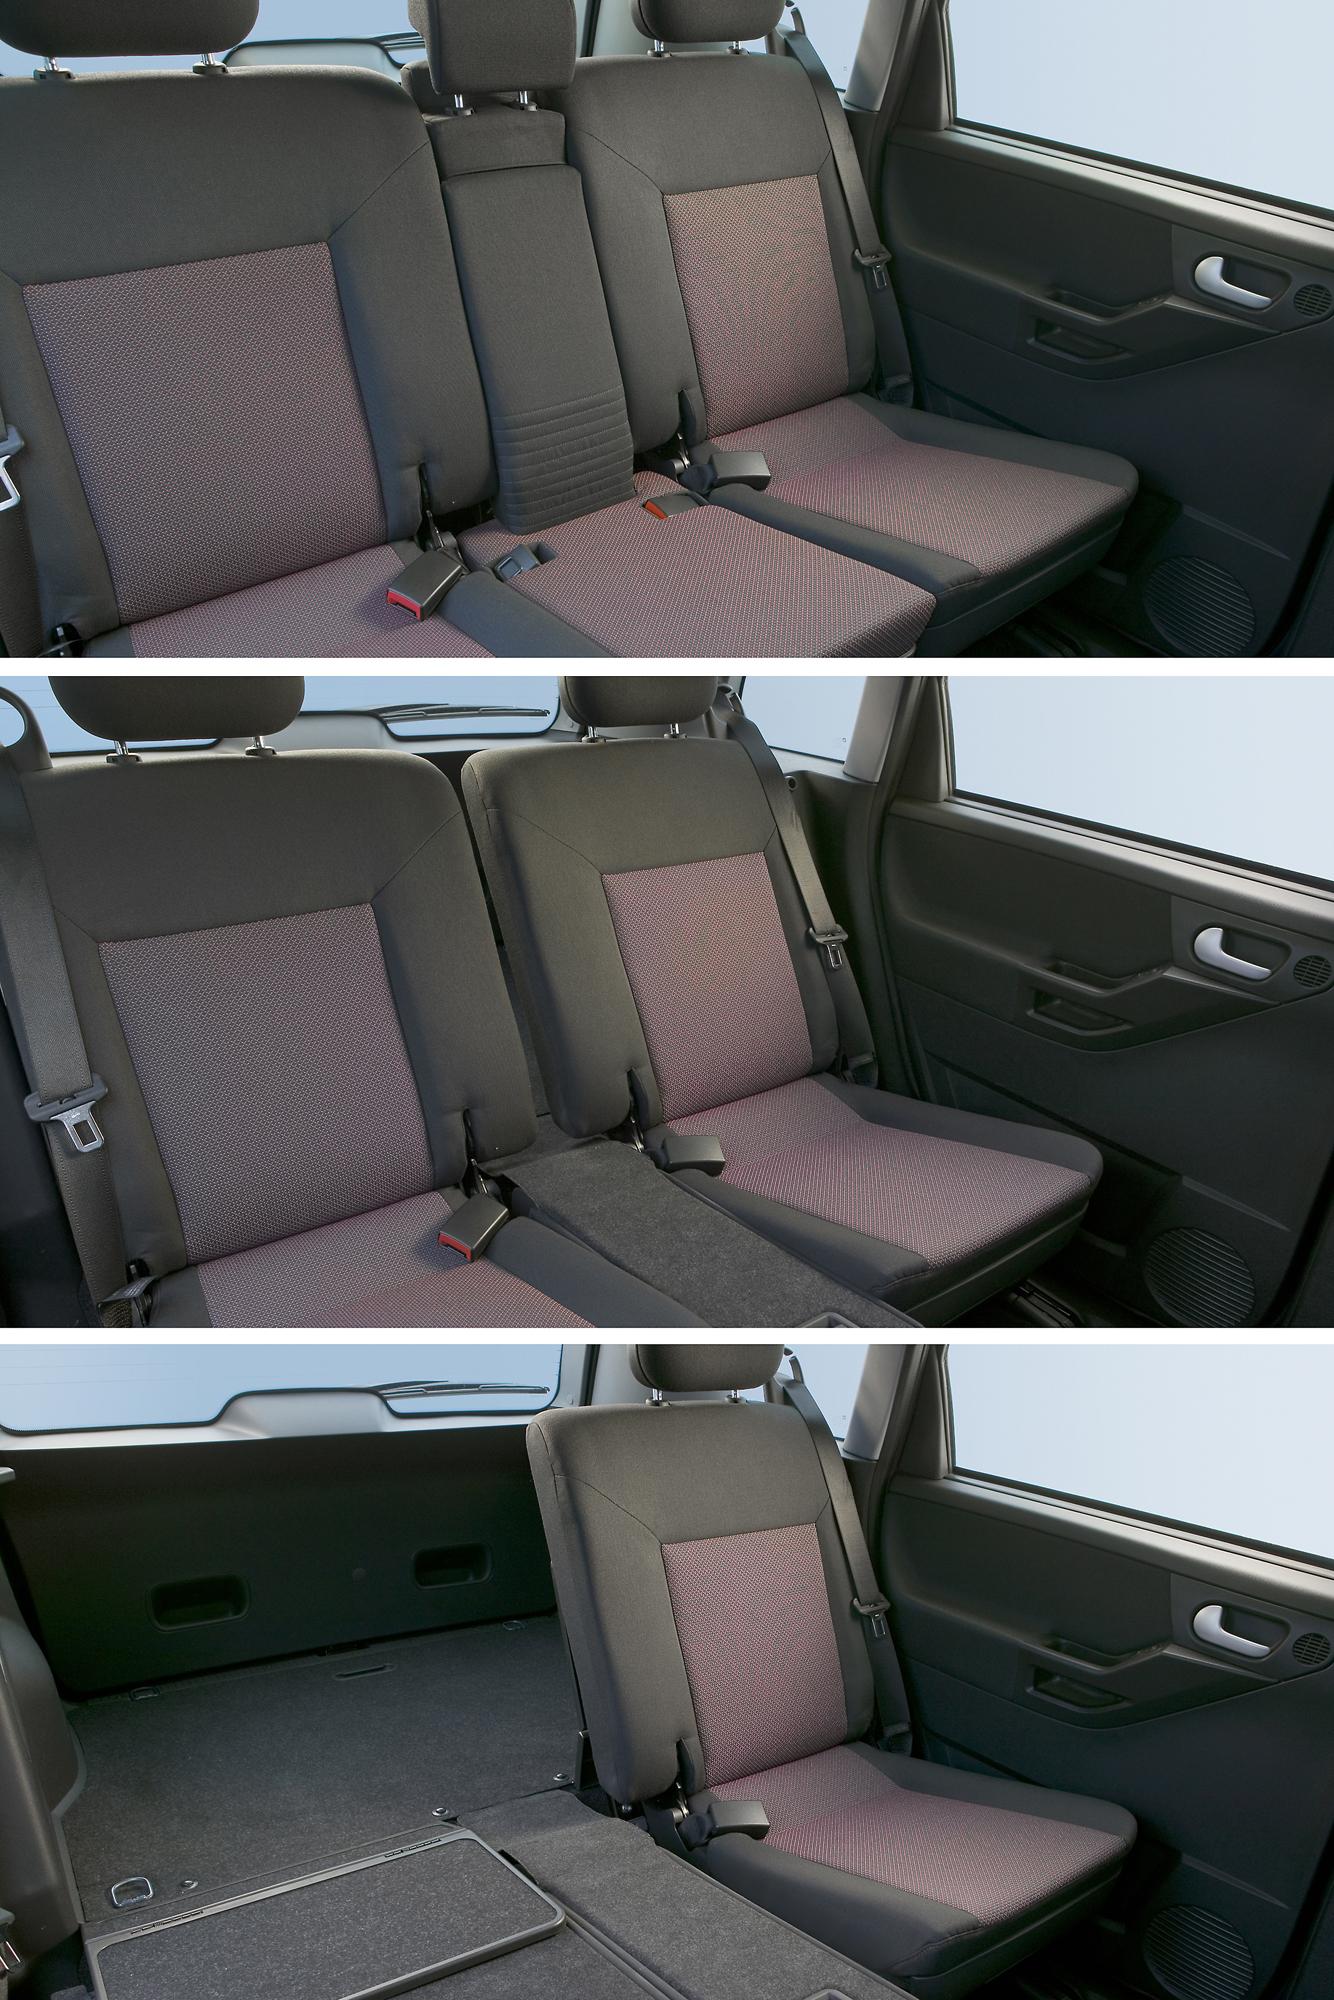 quel minispace choisir 2e partie. Black Bedroom Furniture Sets. Home Design Ideas